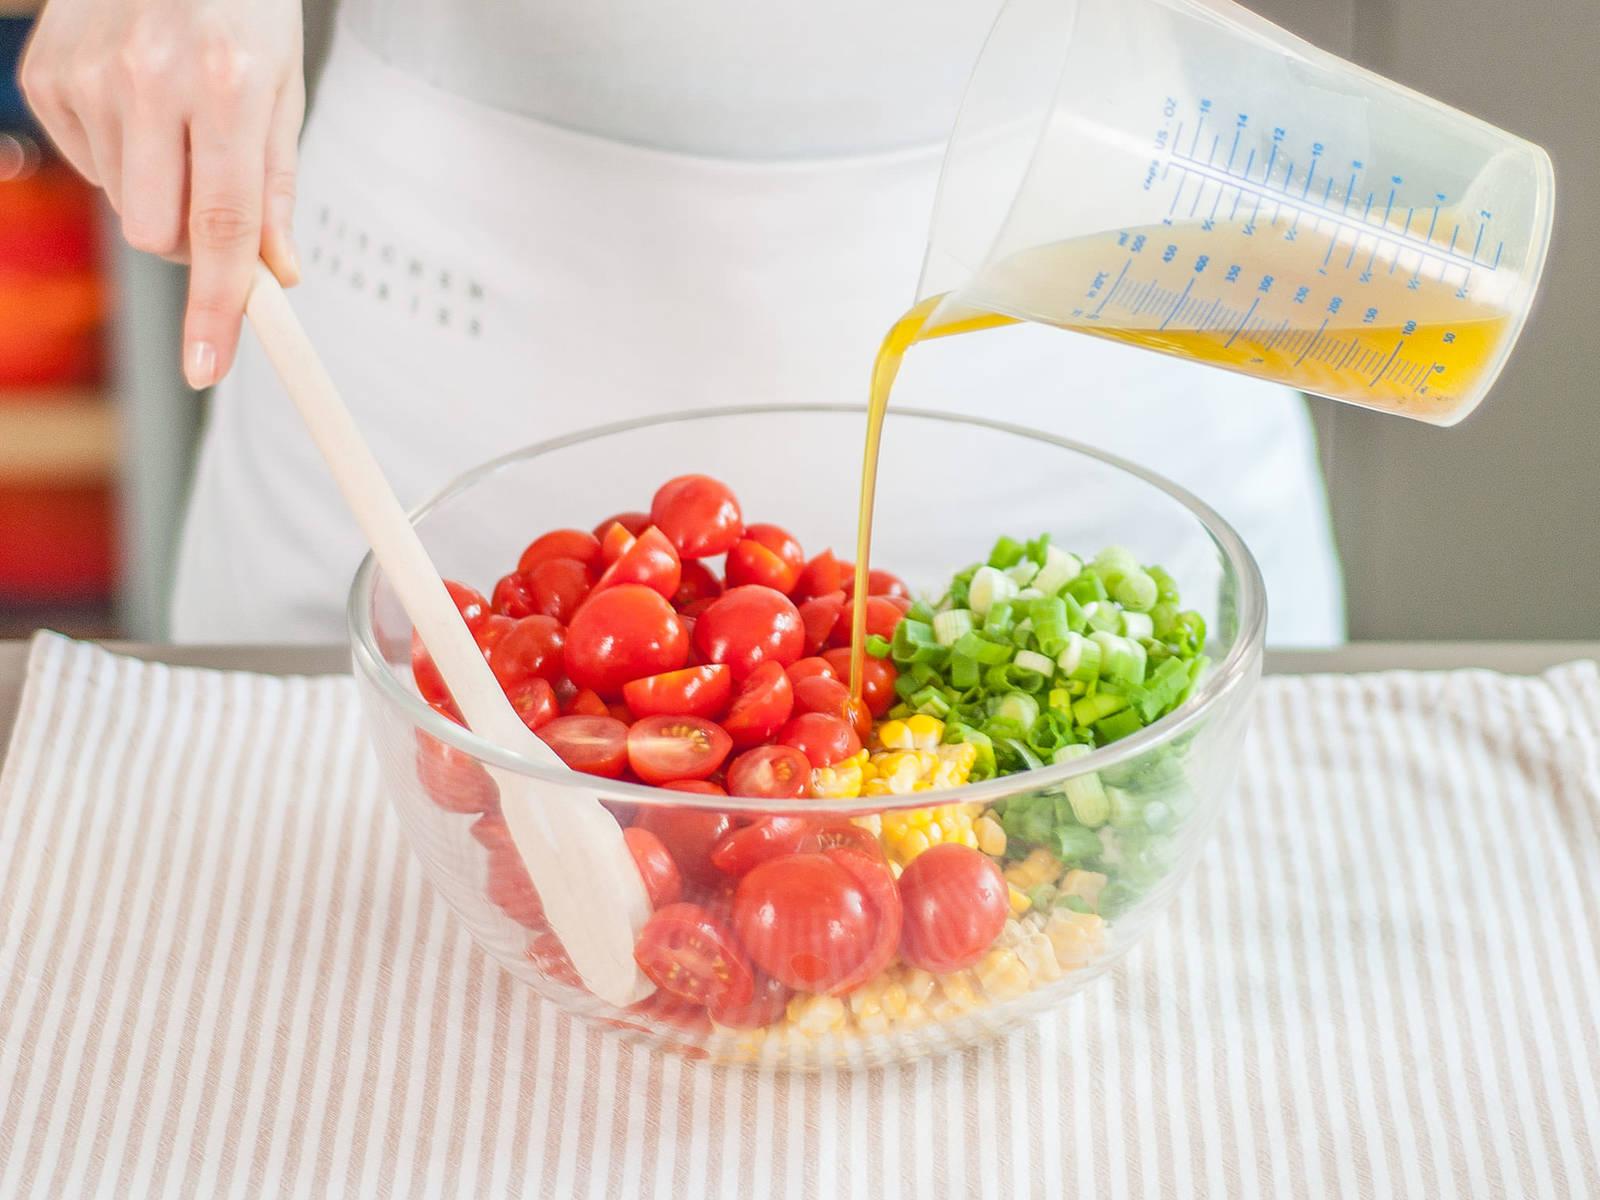 将半份酱汁倒入沙拉中调味,如有需要可倒入更多。